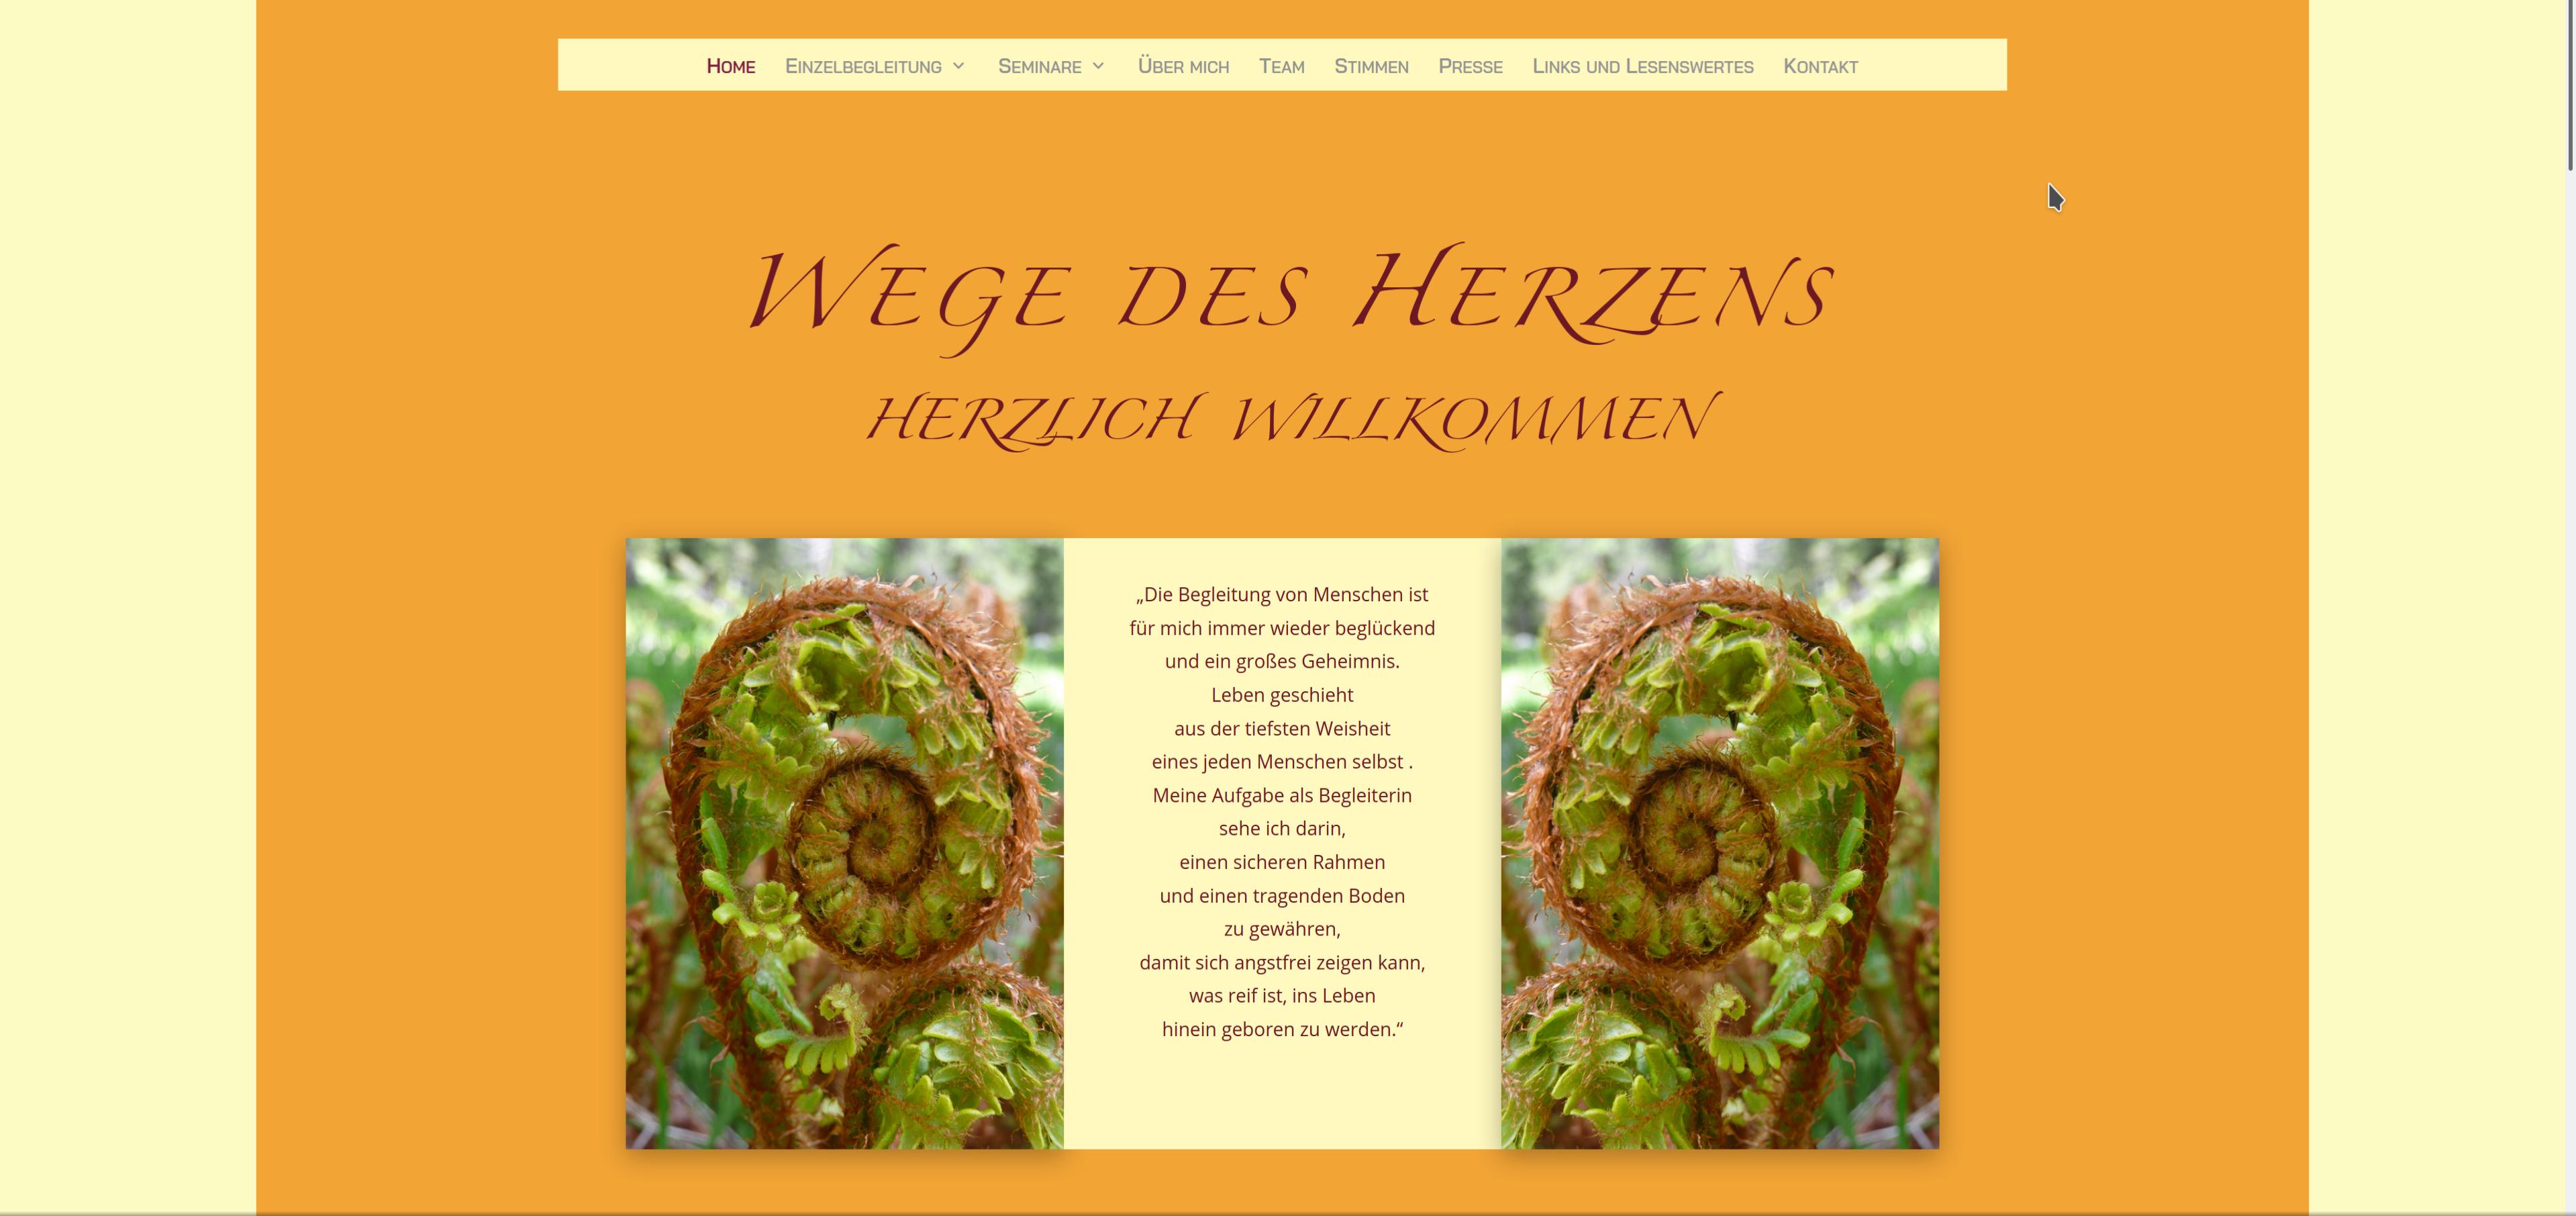 https://wegedesherzens.de/Webseite2019/